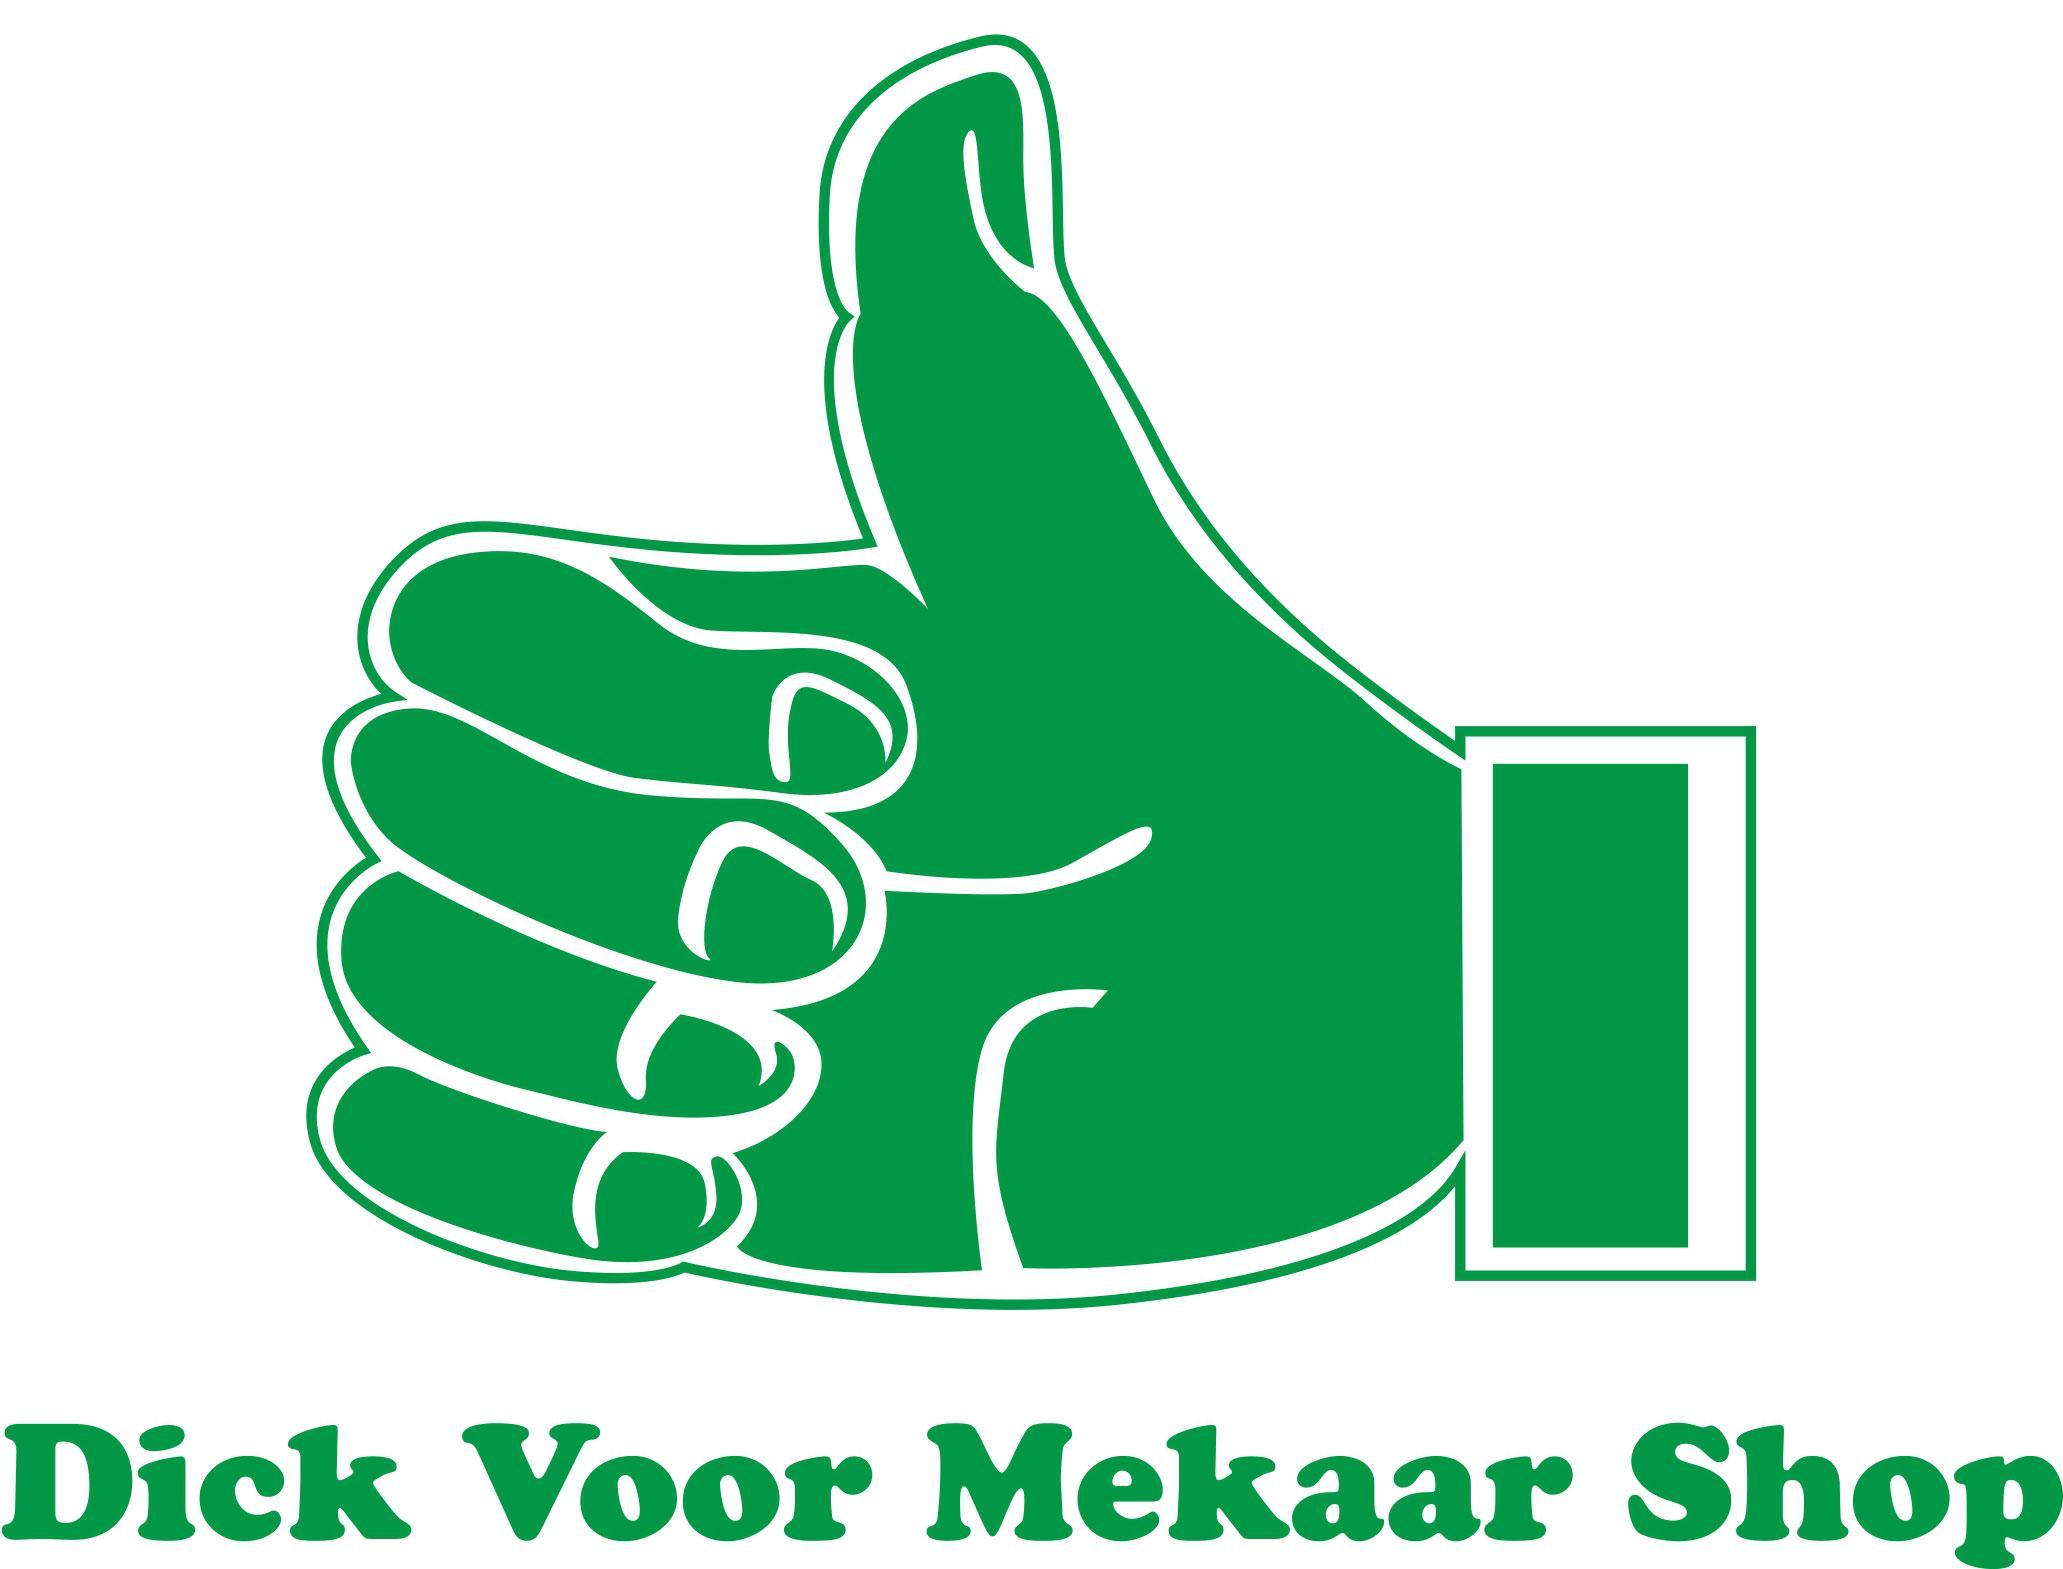 Dick Voor Mekaar Shop